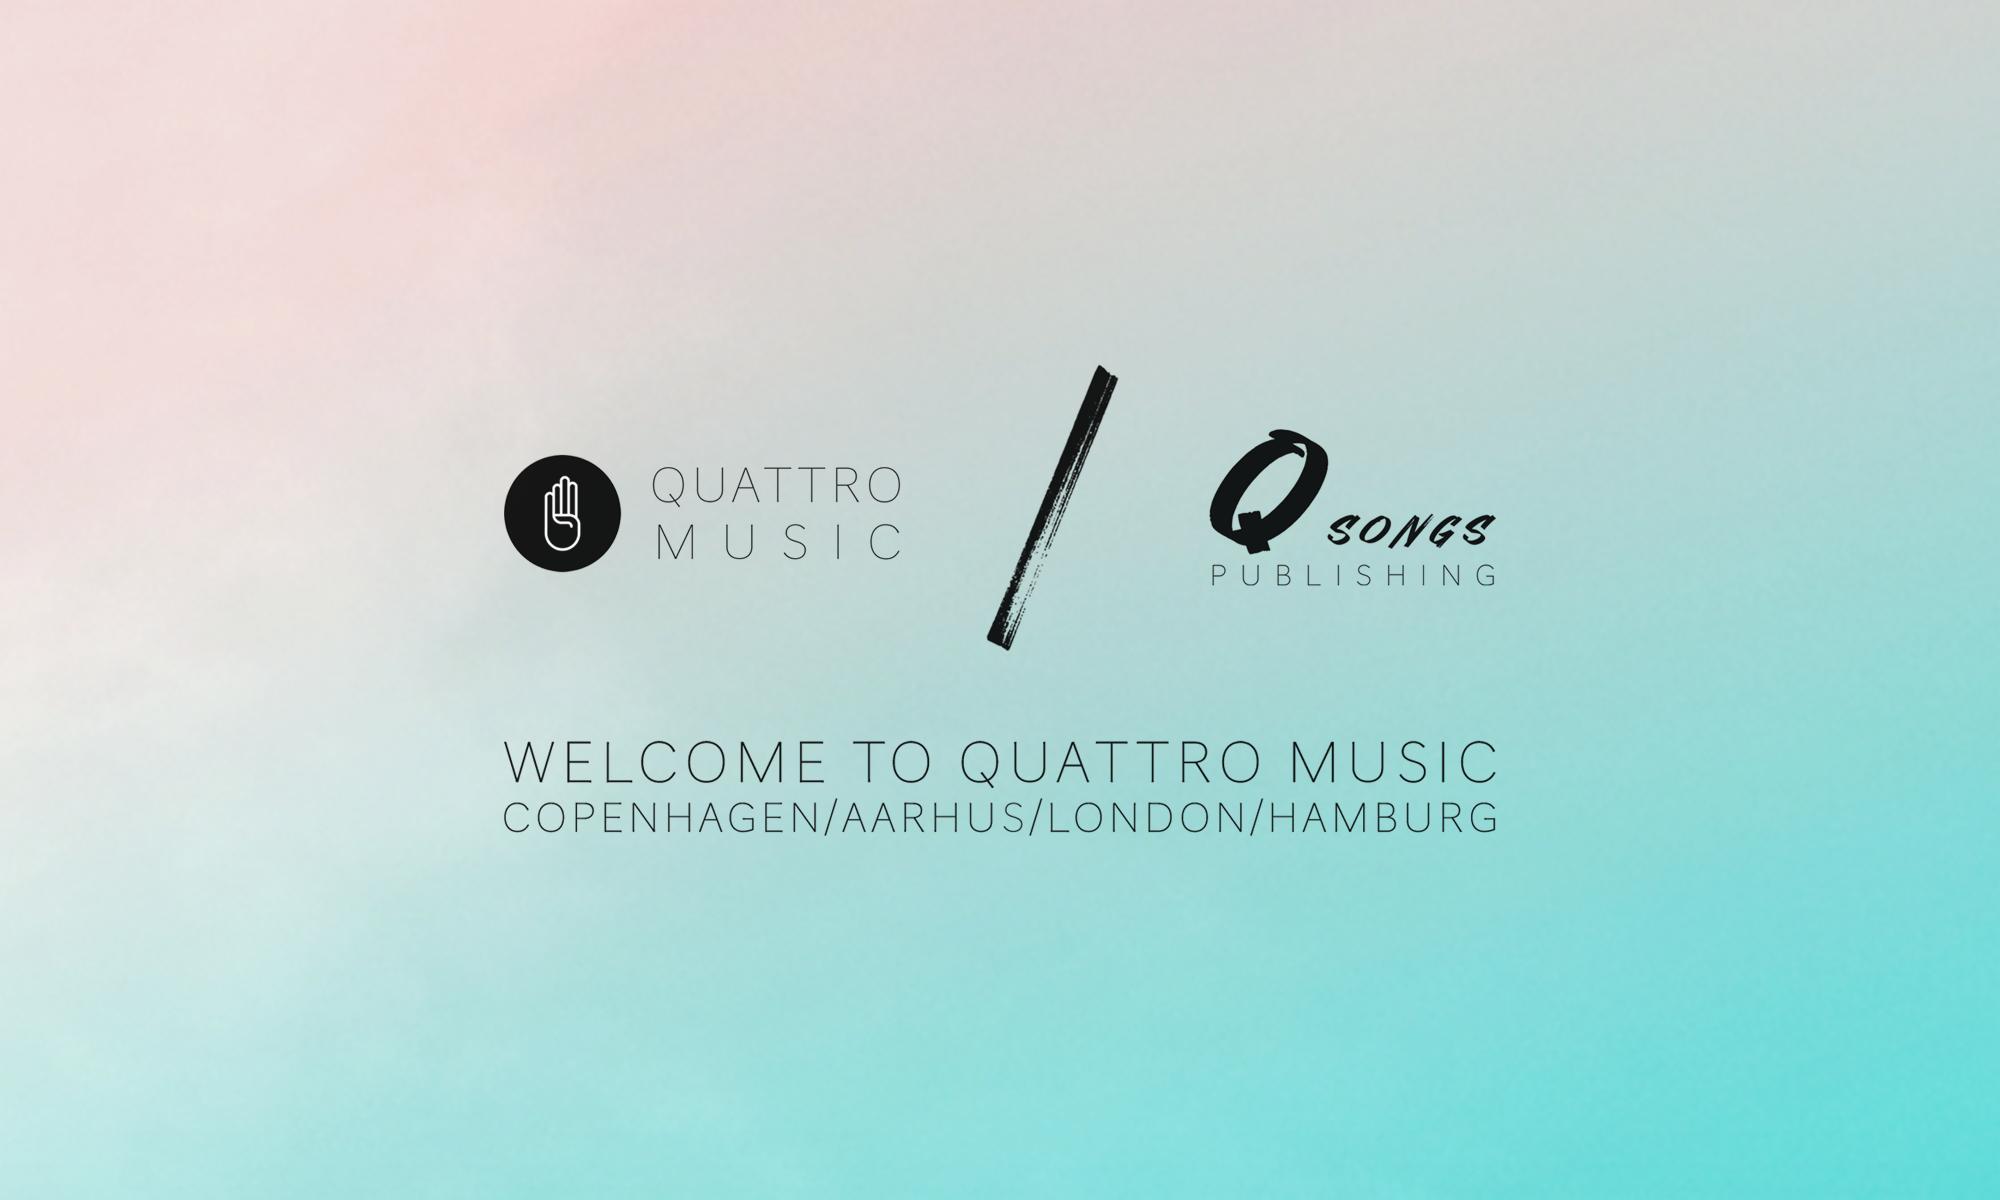 QUATTRO MUSIC